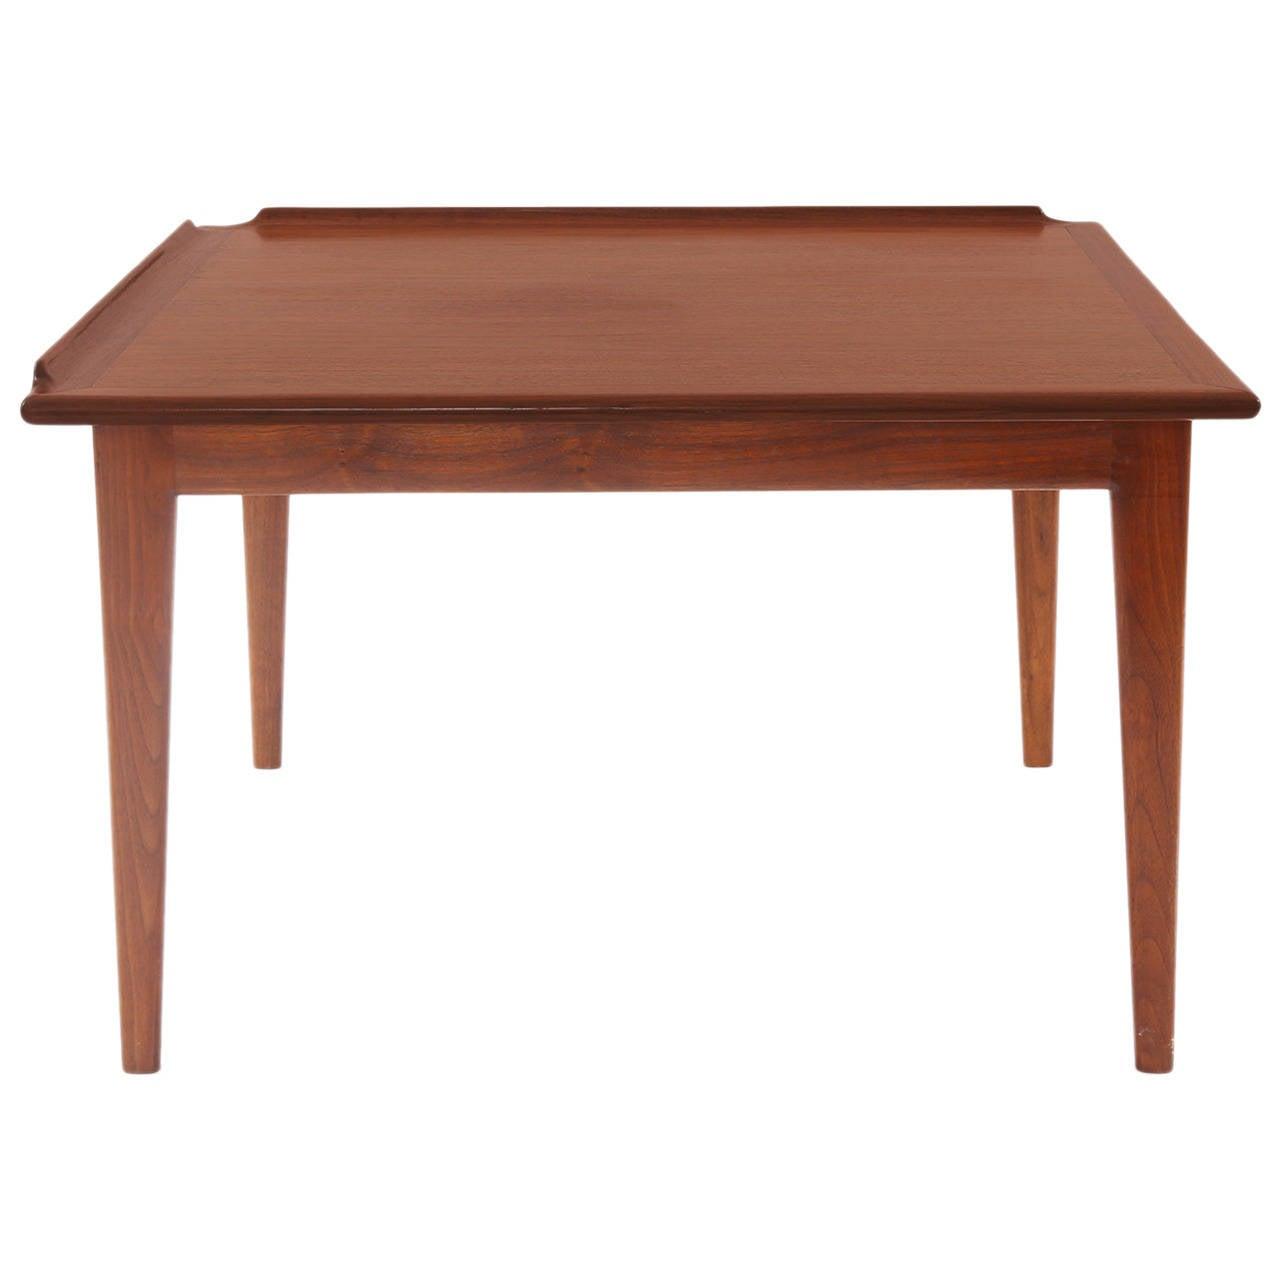 Finn Juhl Oiled Teak Side Table For Sale